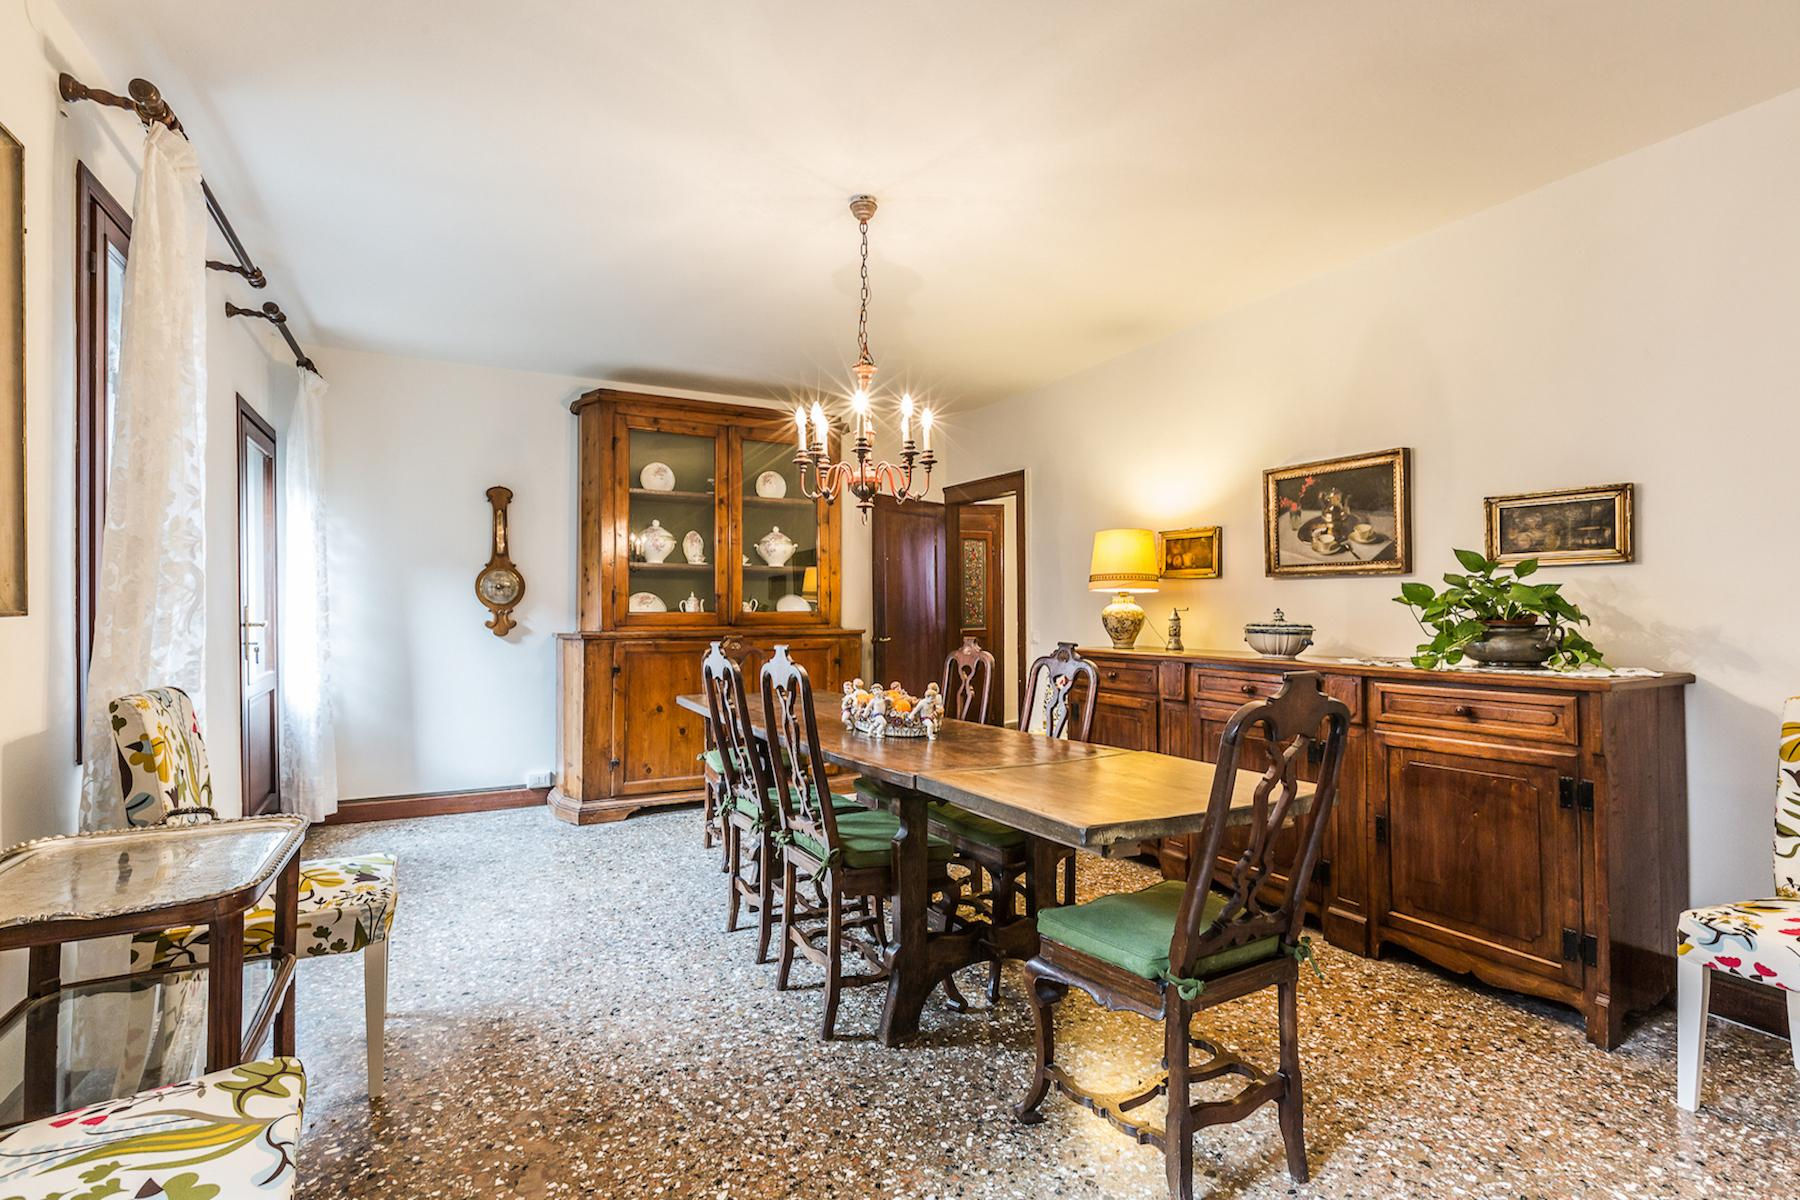 Wunderschöne Wohnung im Santo Stefano Stadtviertel - 7